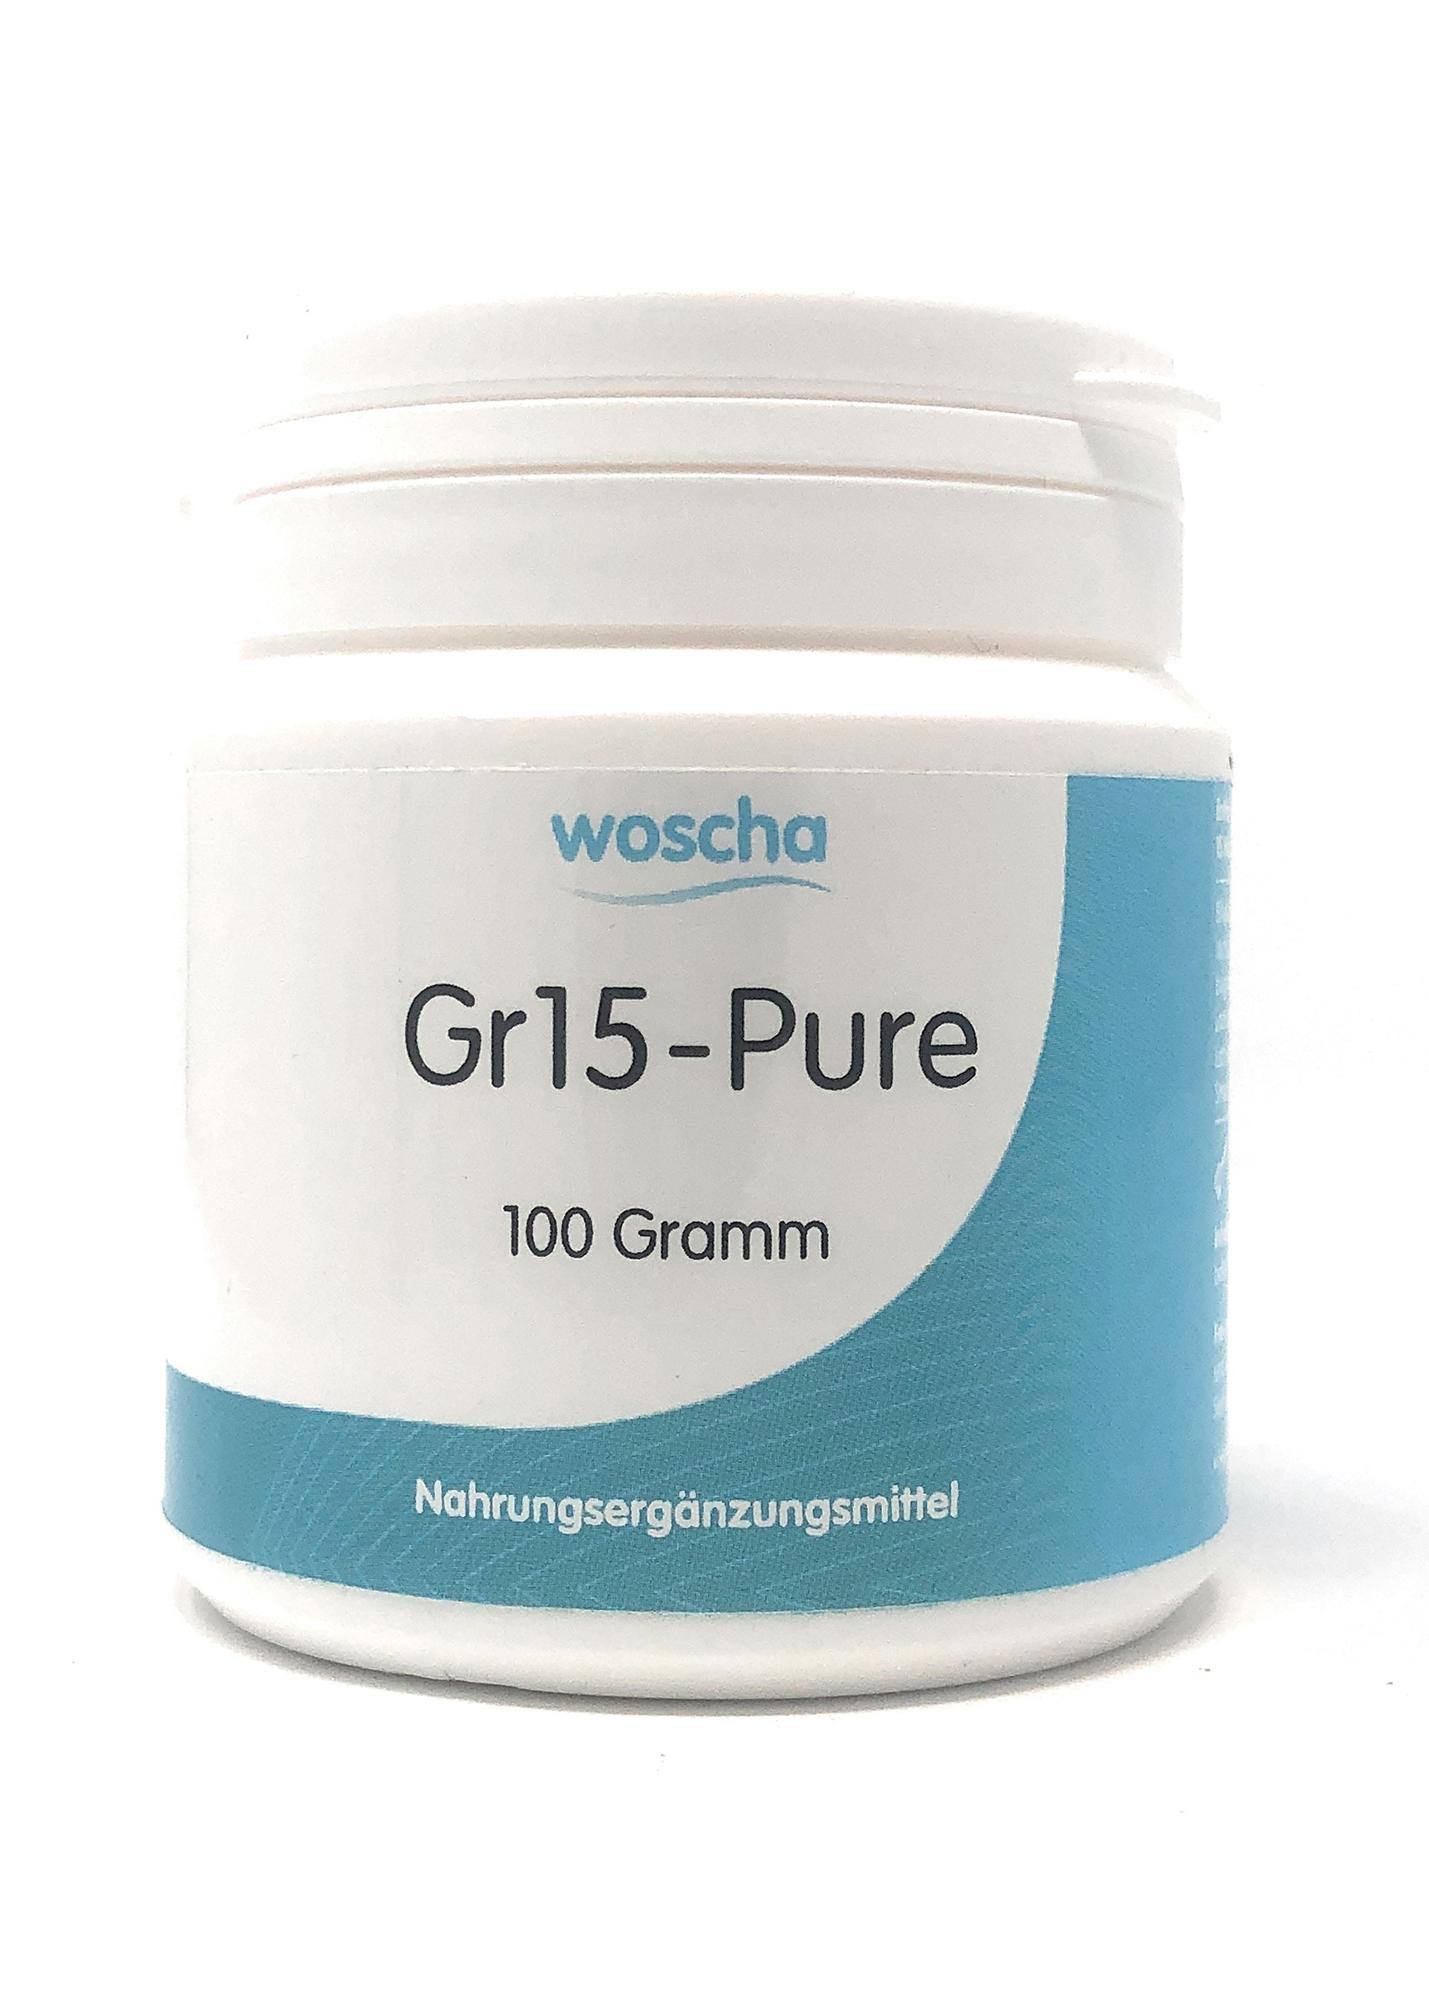 woscha GR15-Pure 100g Pulver